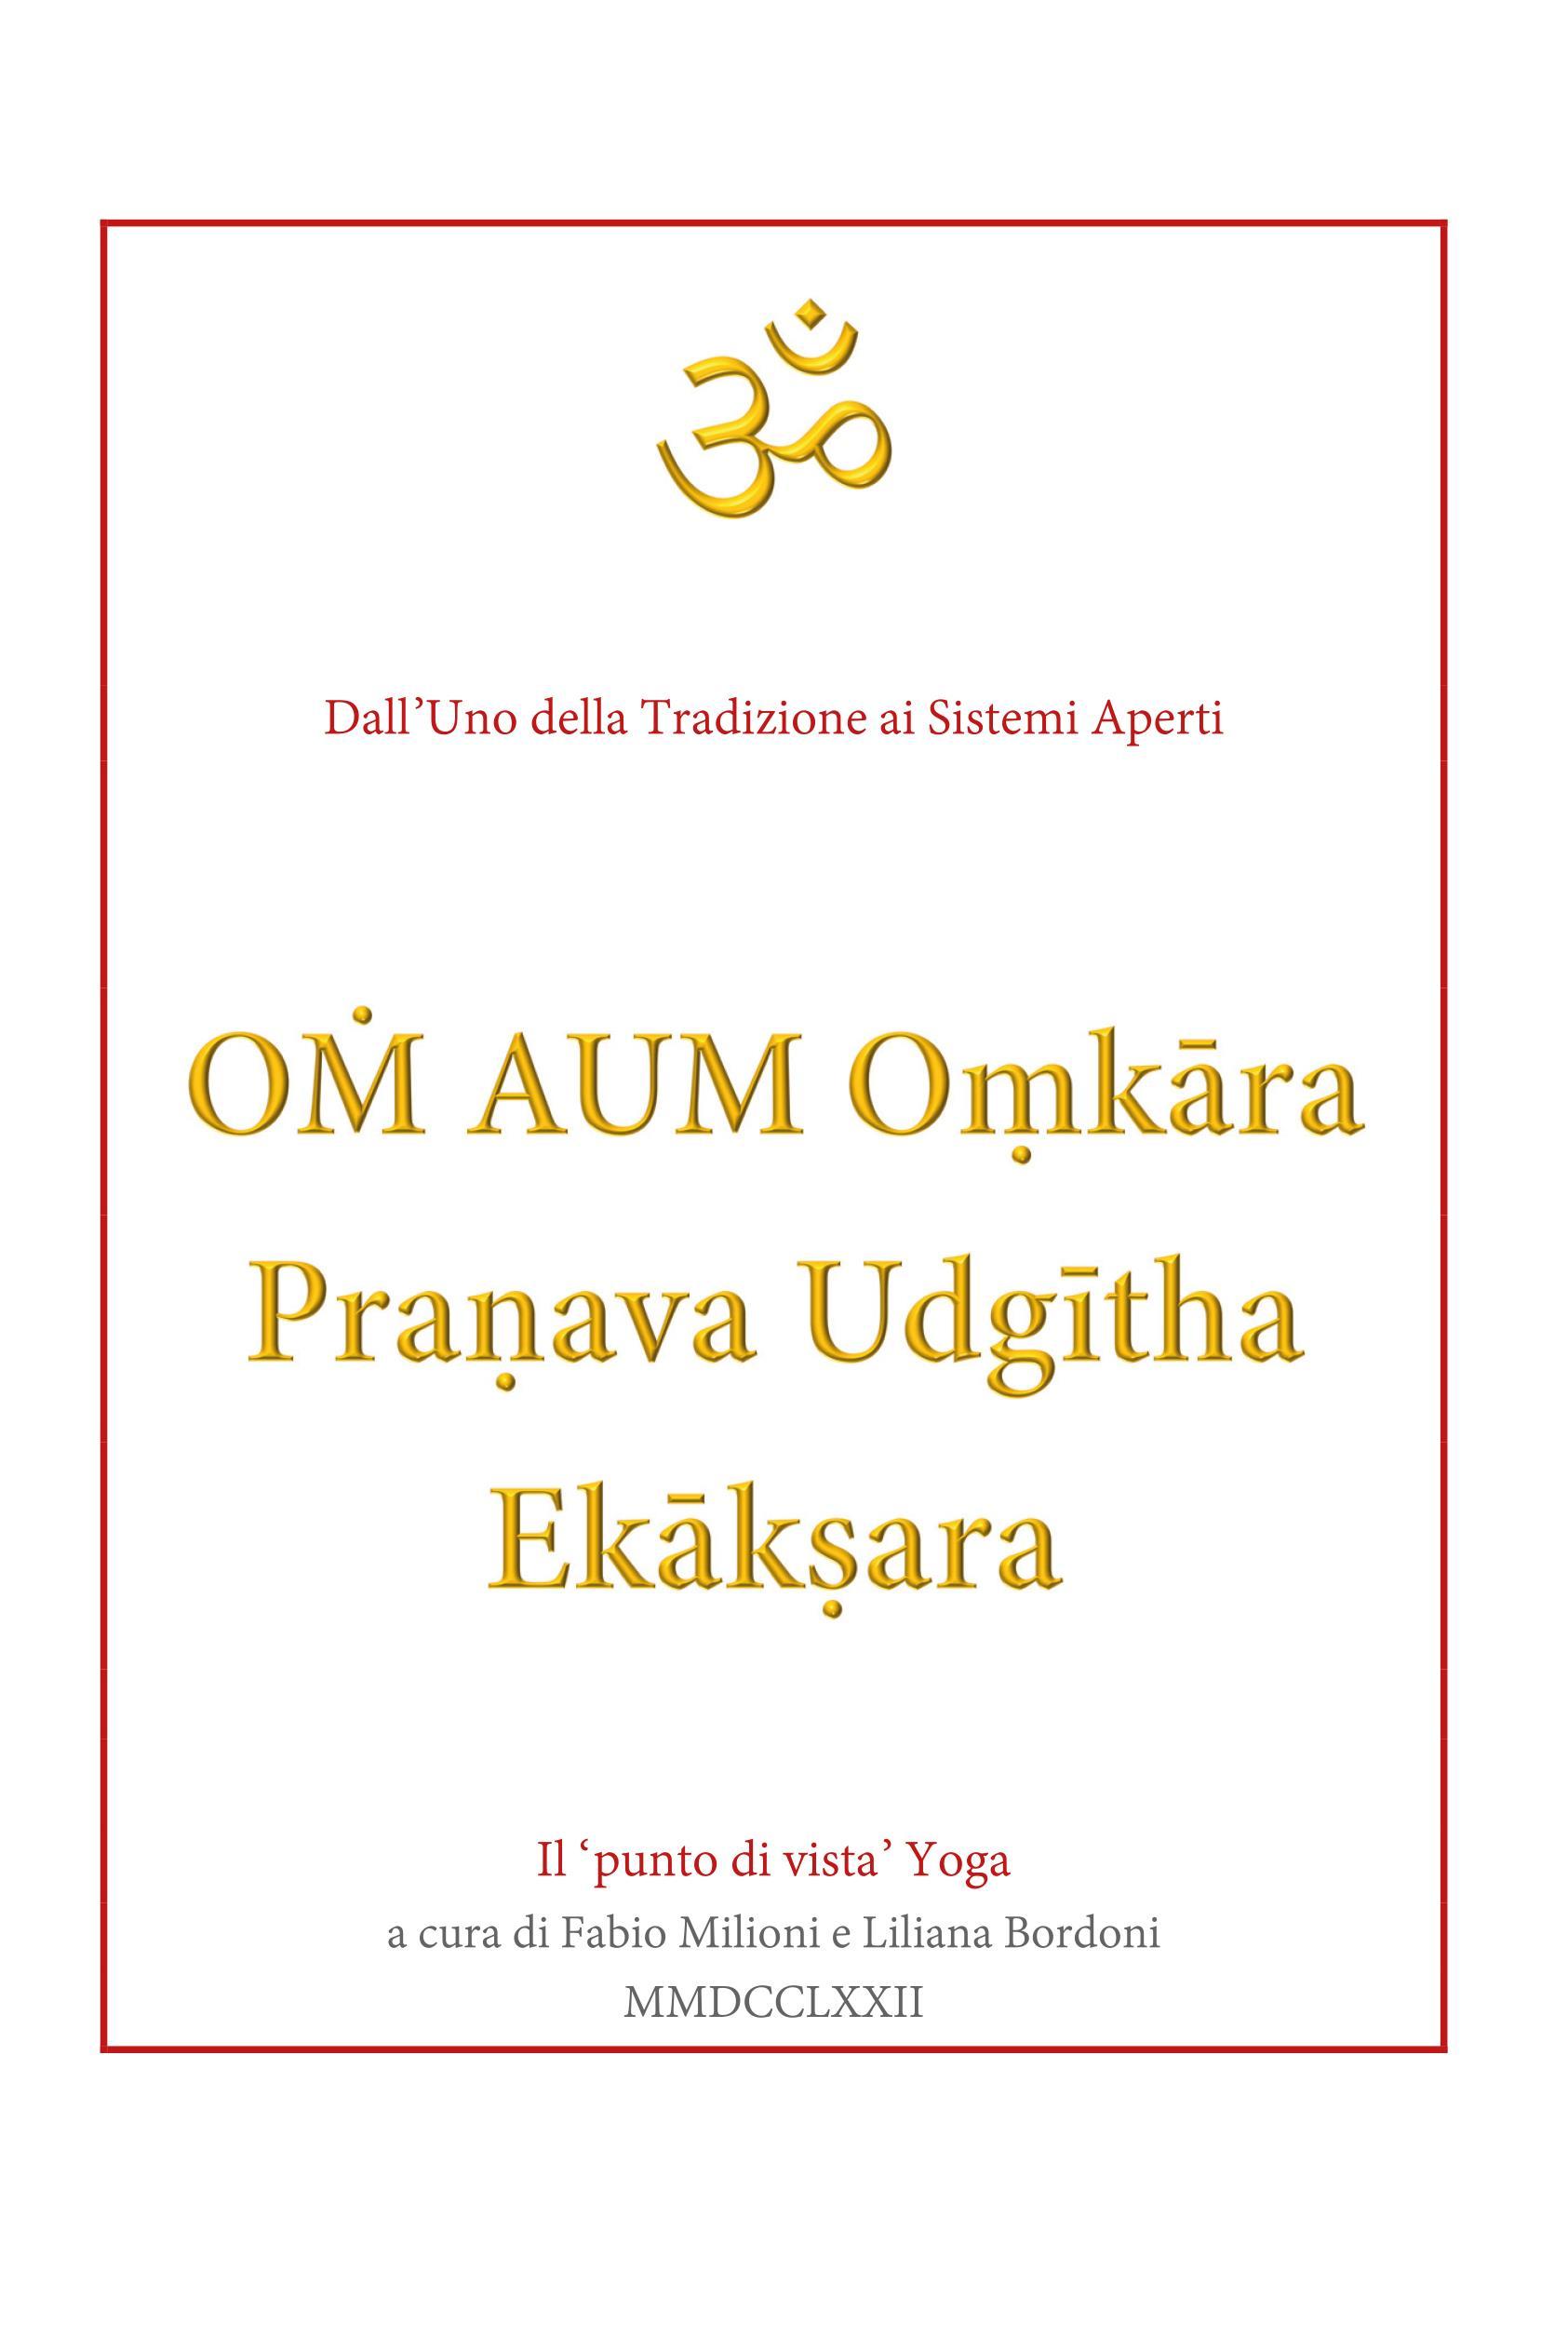 OM AUM Omkara Preanava Udgitha Ekaksara